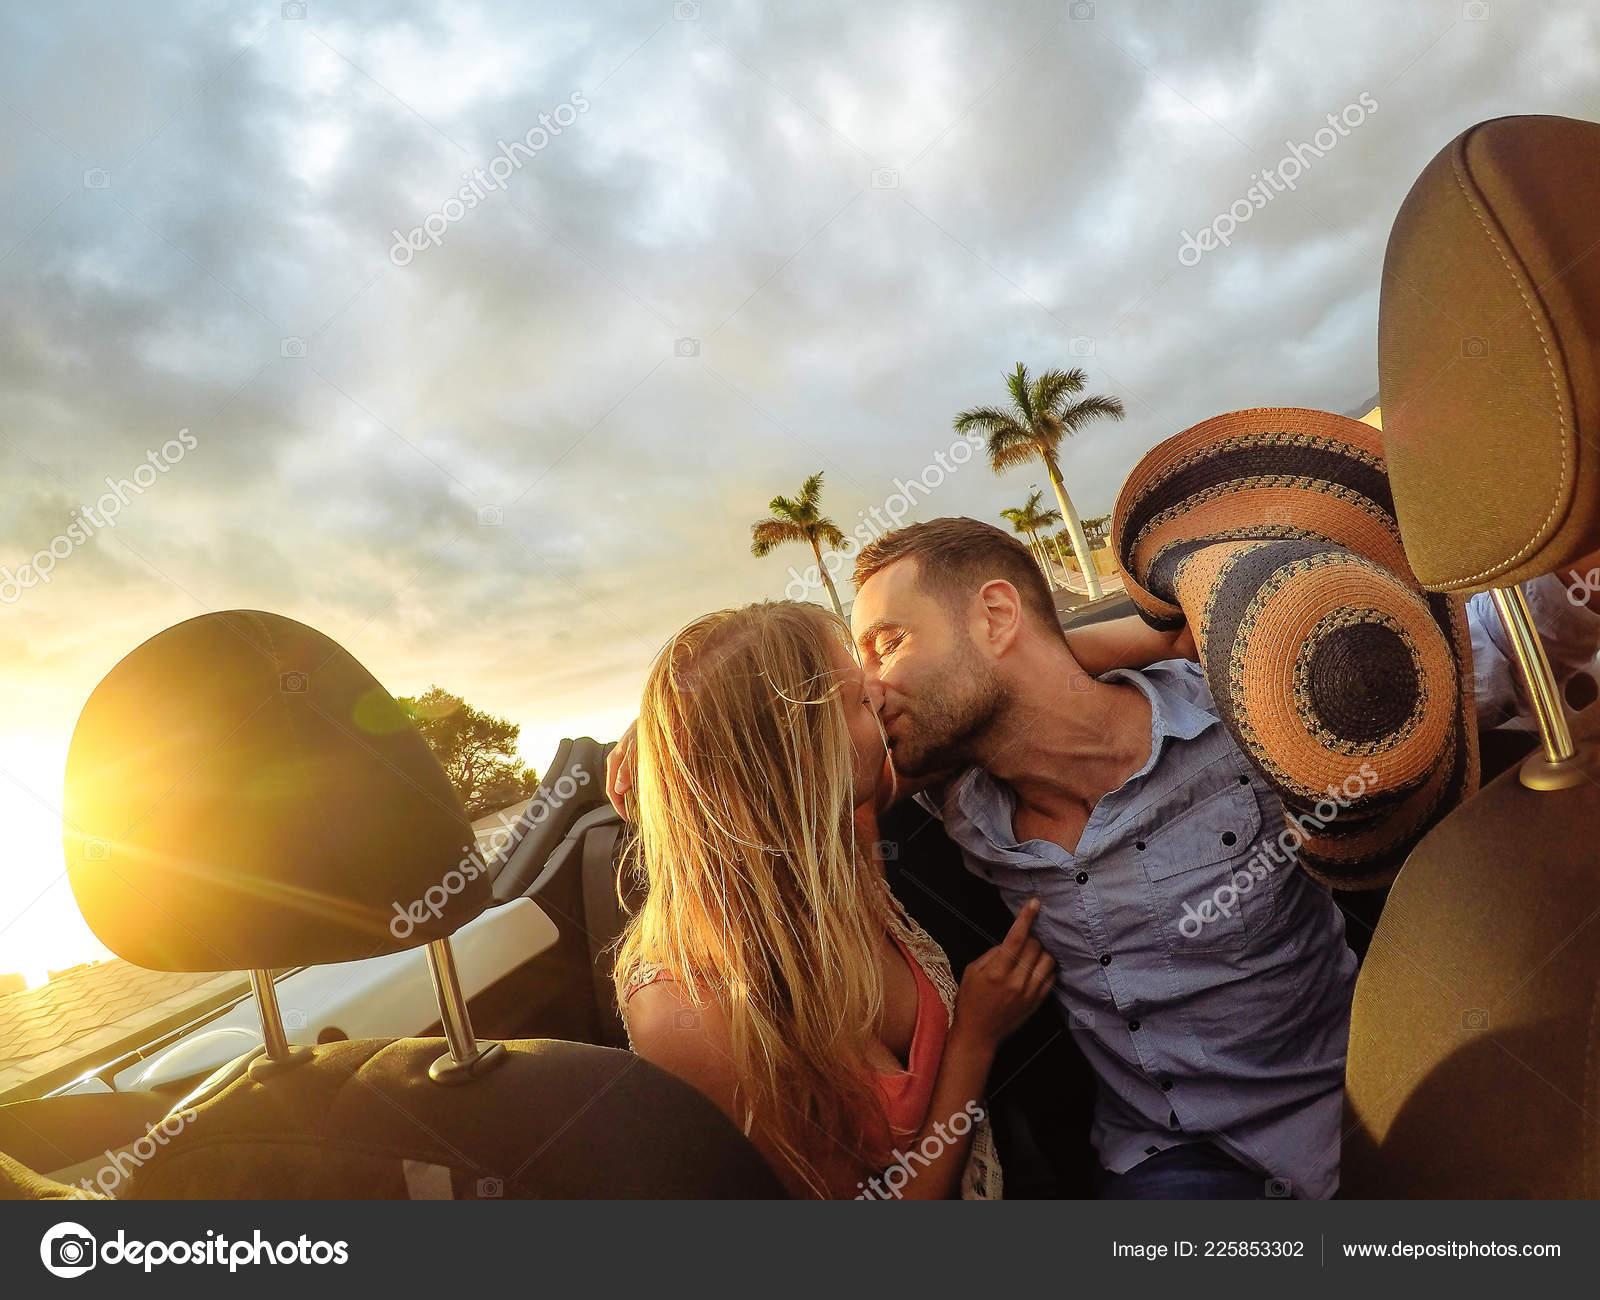 Dating-Regeln digitales Zeitalter